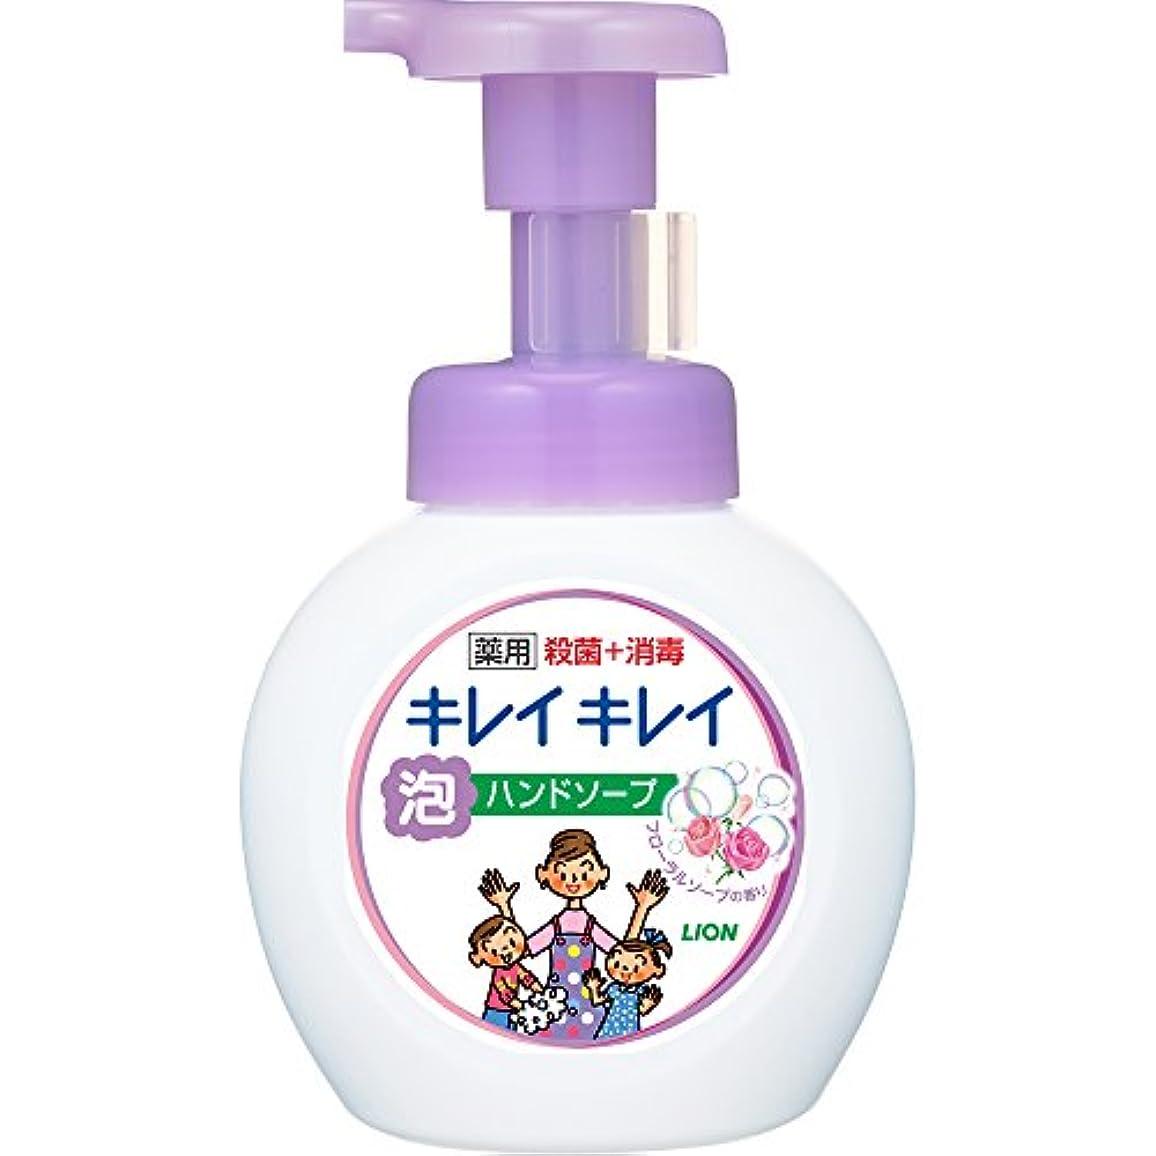 有利ロイヤリティ電気のキレイキレイ 薬用 泡ハンドソープ フローラルソープの香り 本体ポンプ 250ml(医薬部外品)